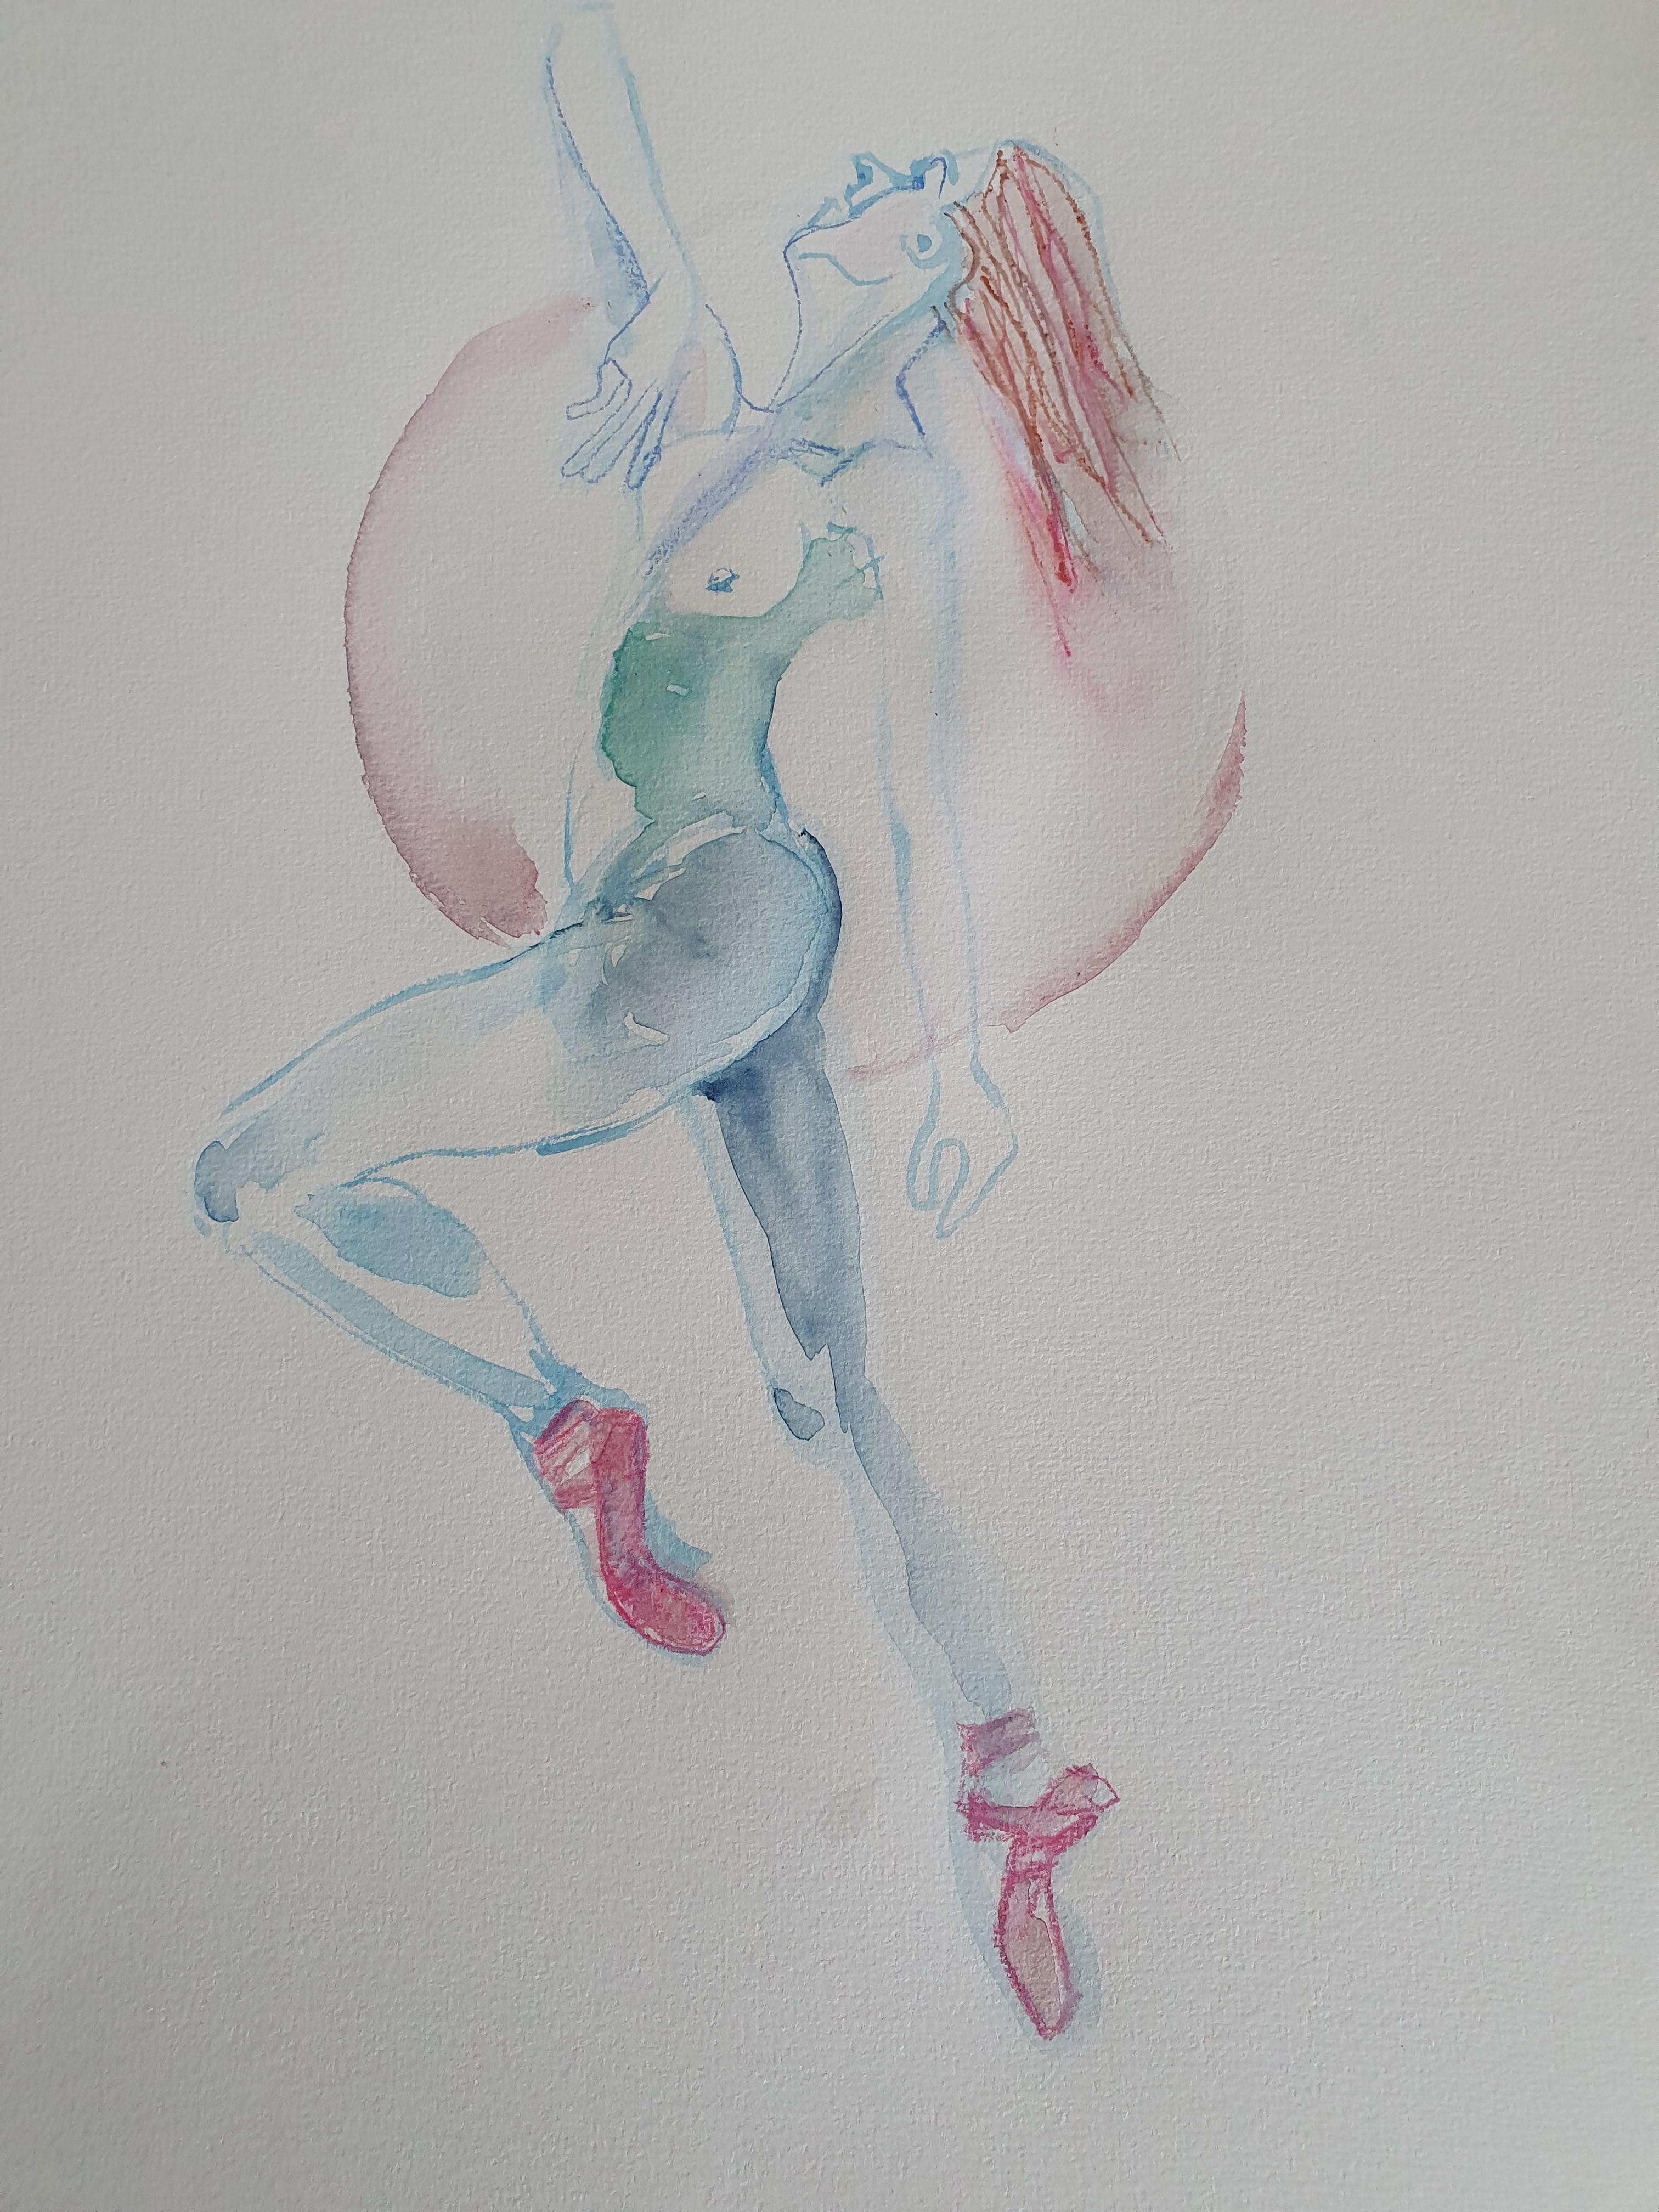 Dessin polychrome danseuse aquarelle transparent crayon de couleur  cours de dessin